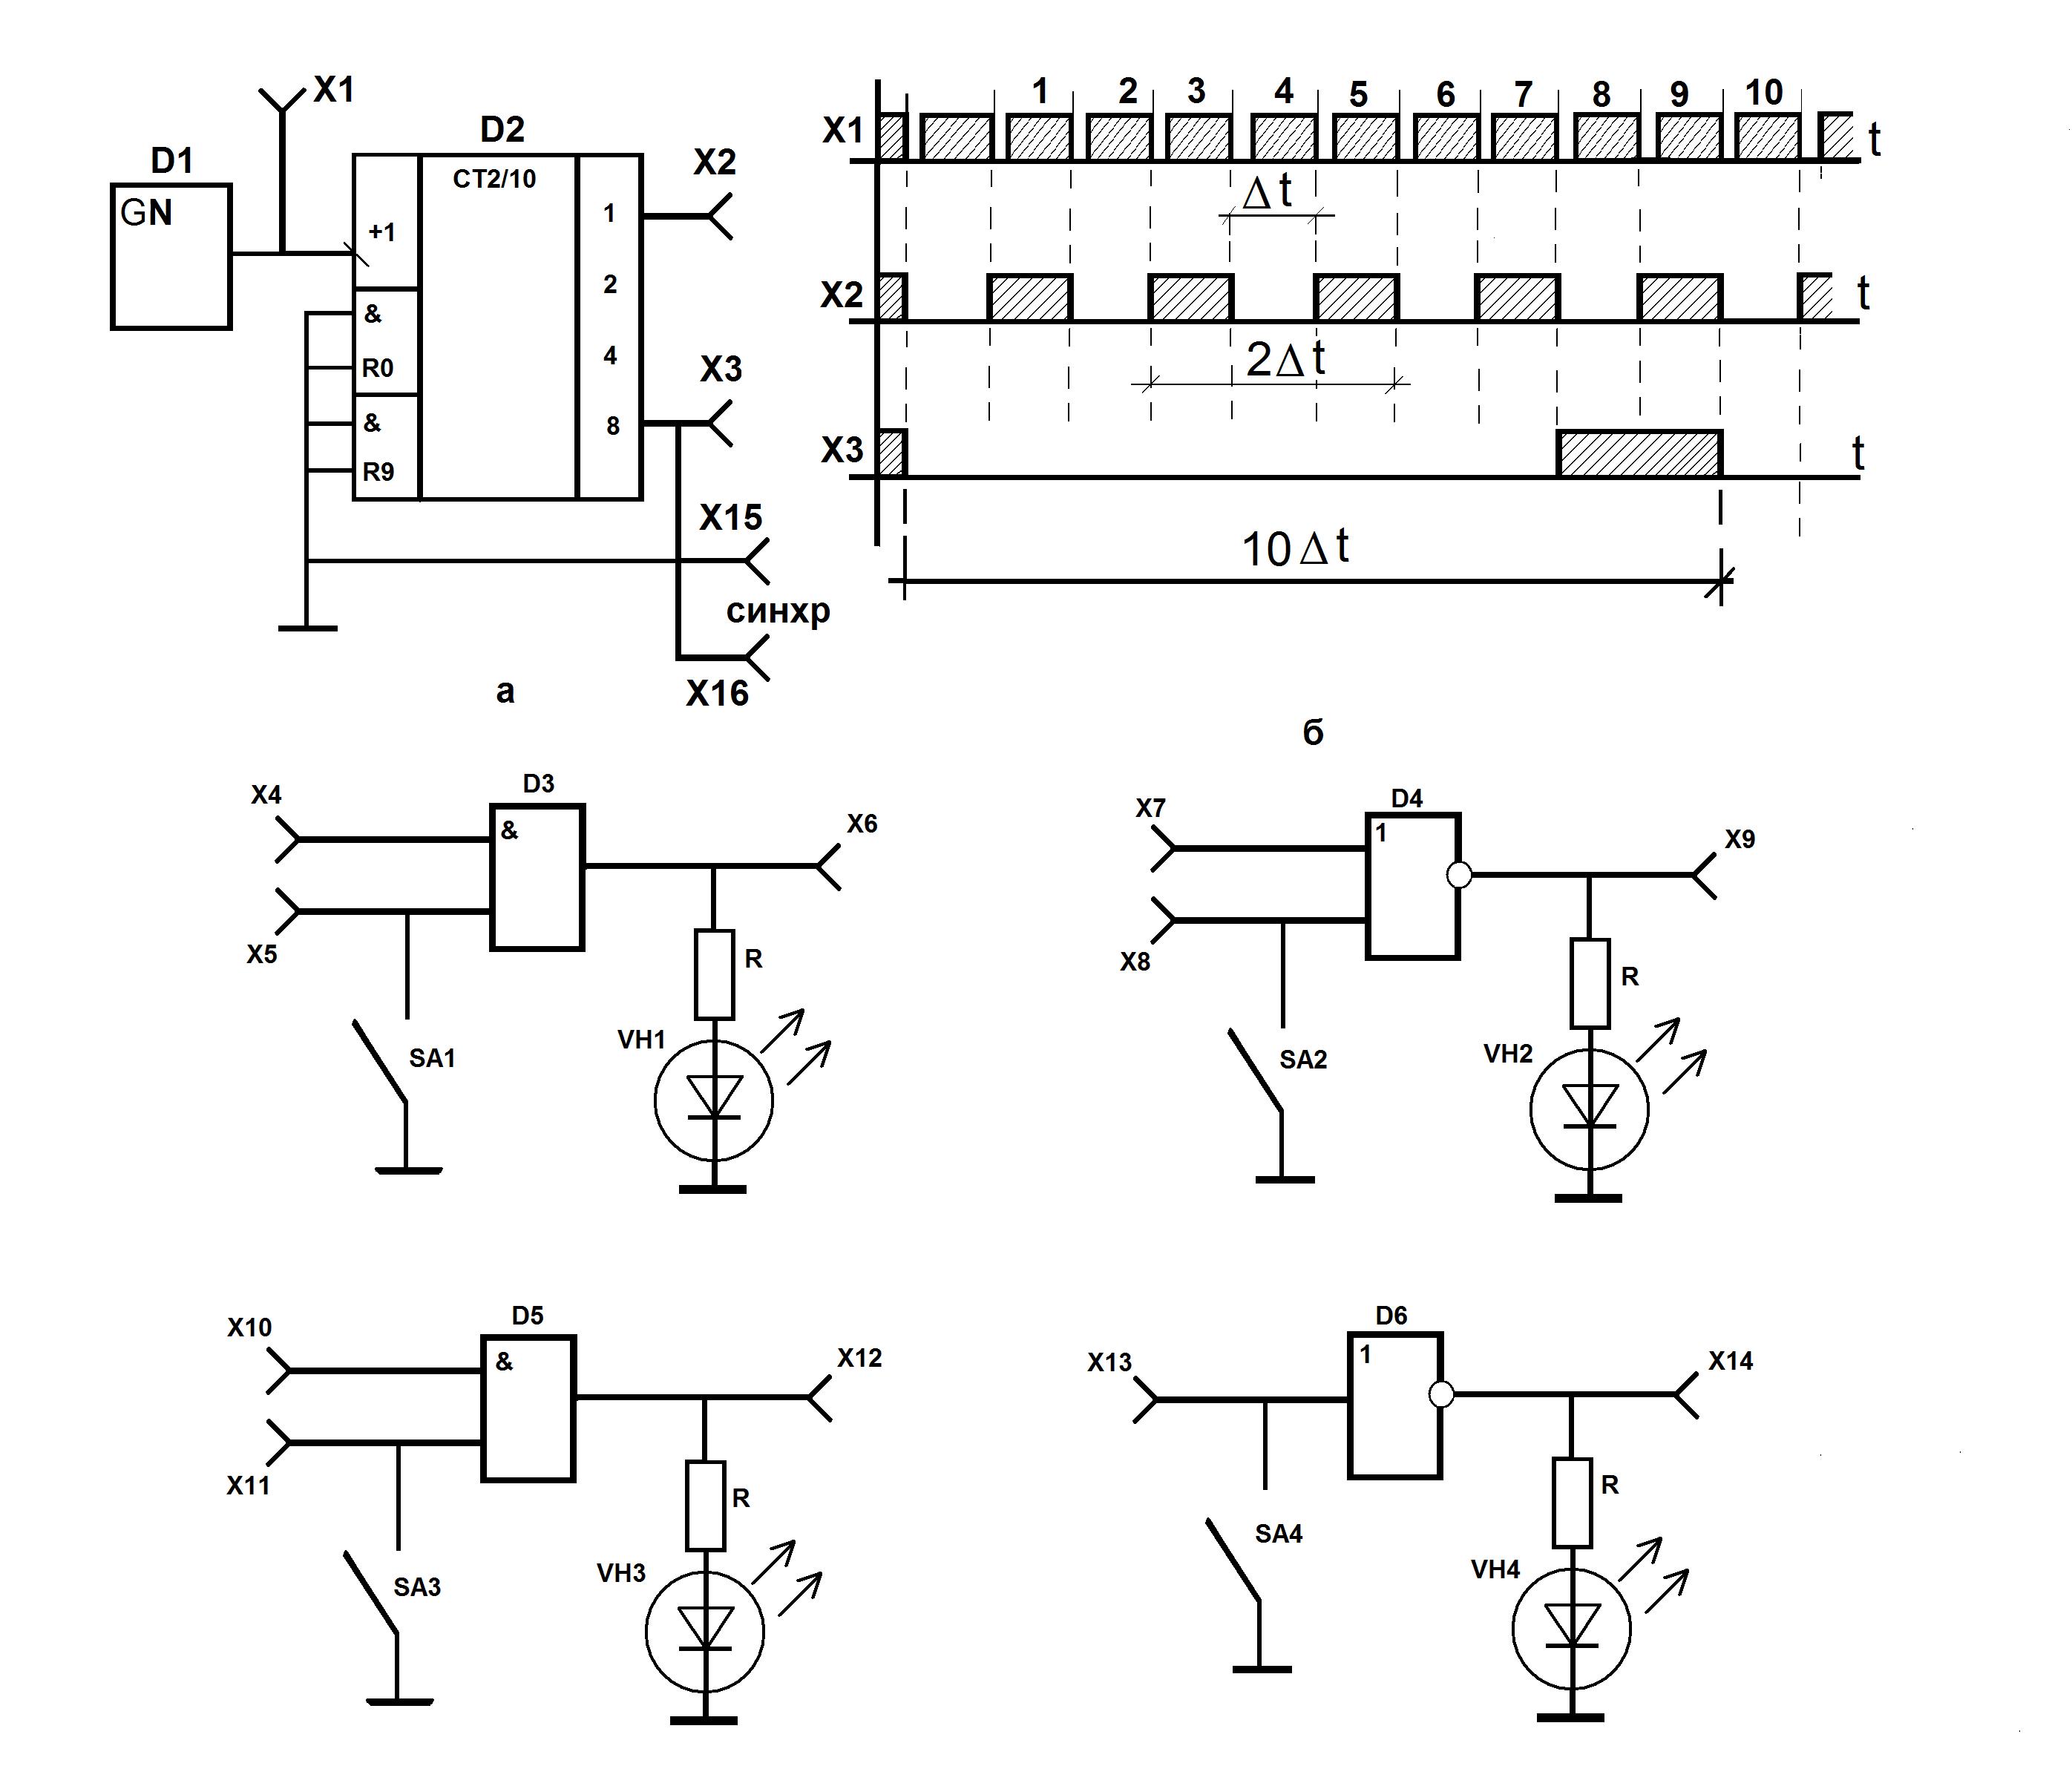 реализация булевых функций релейно контактными схемами